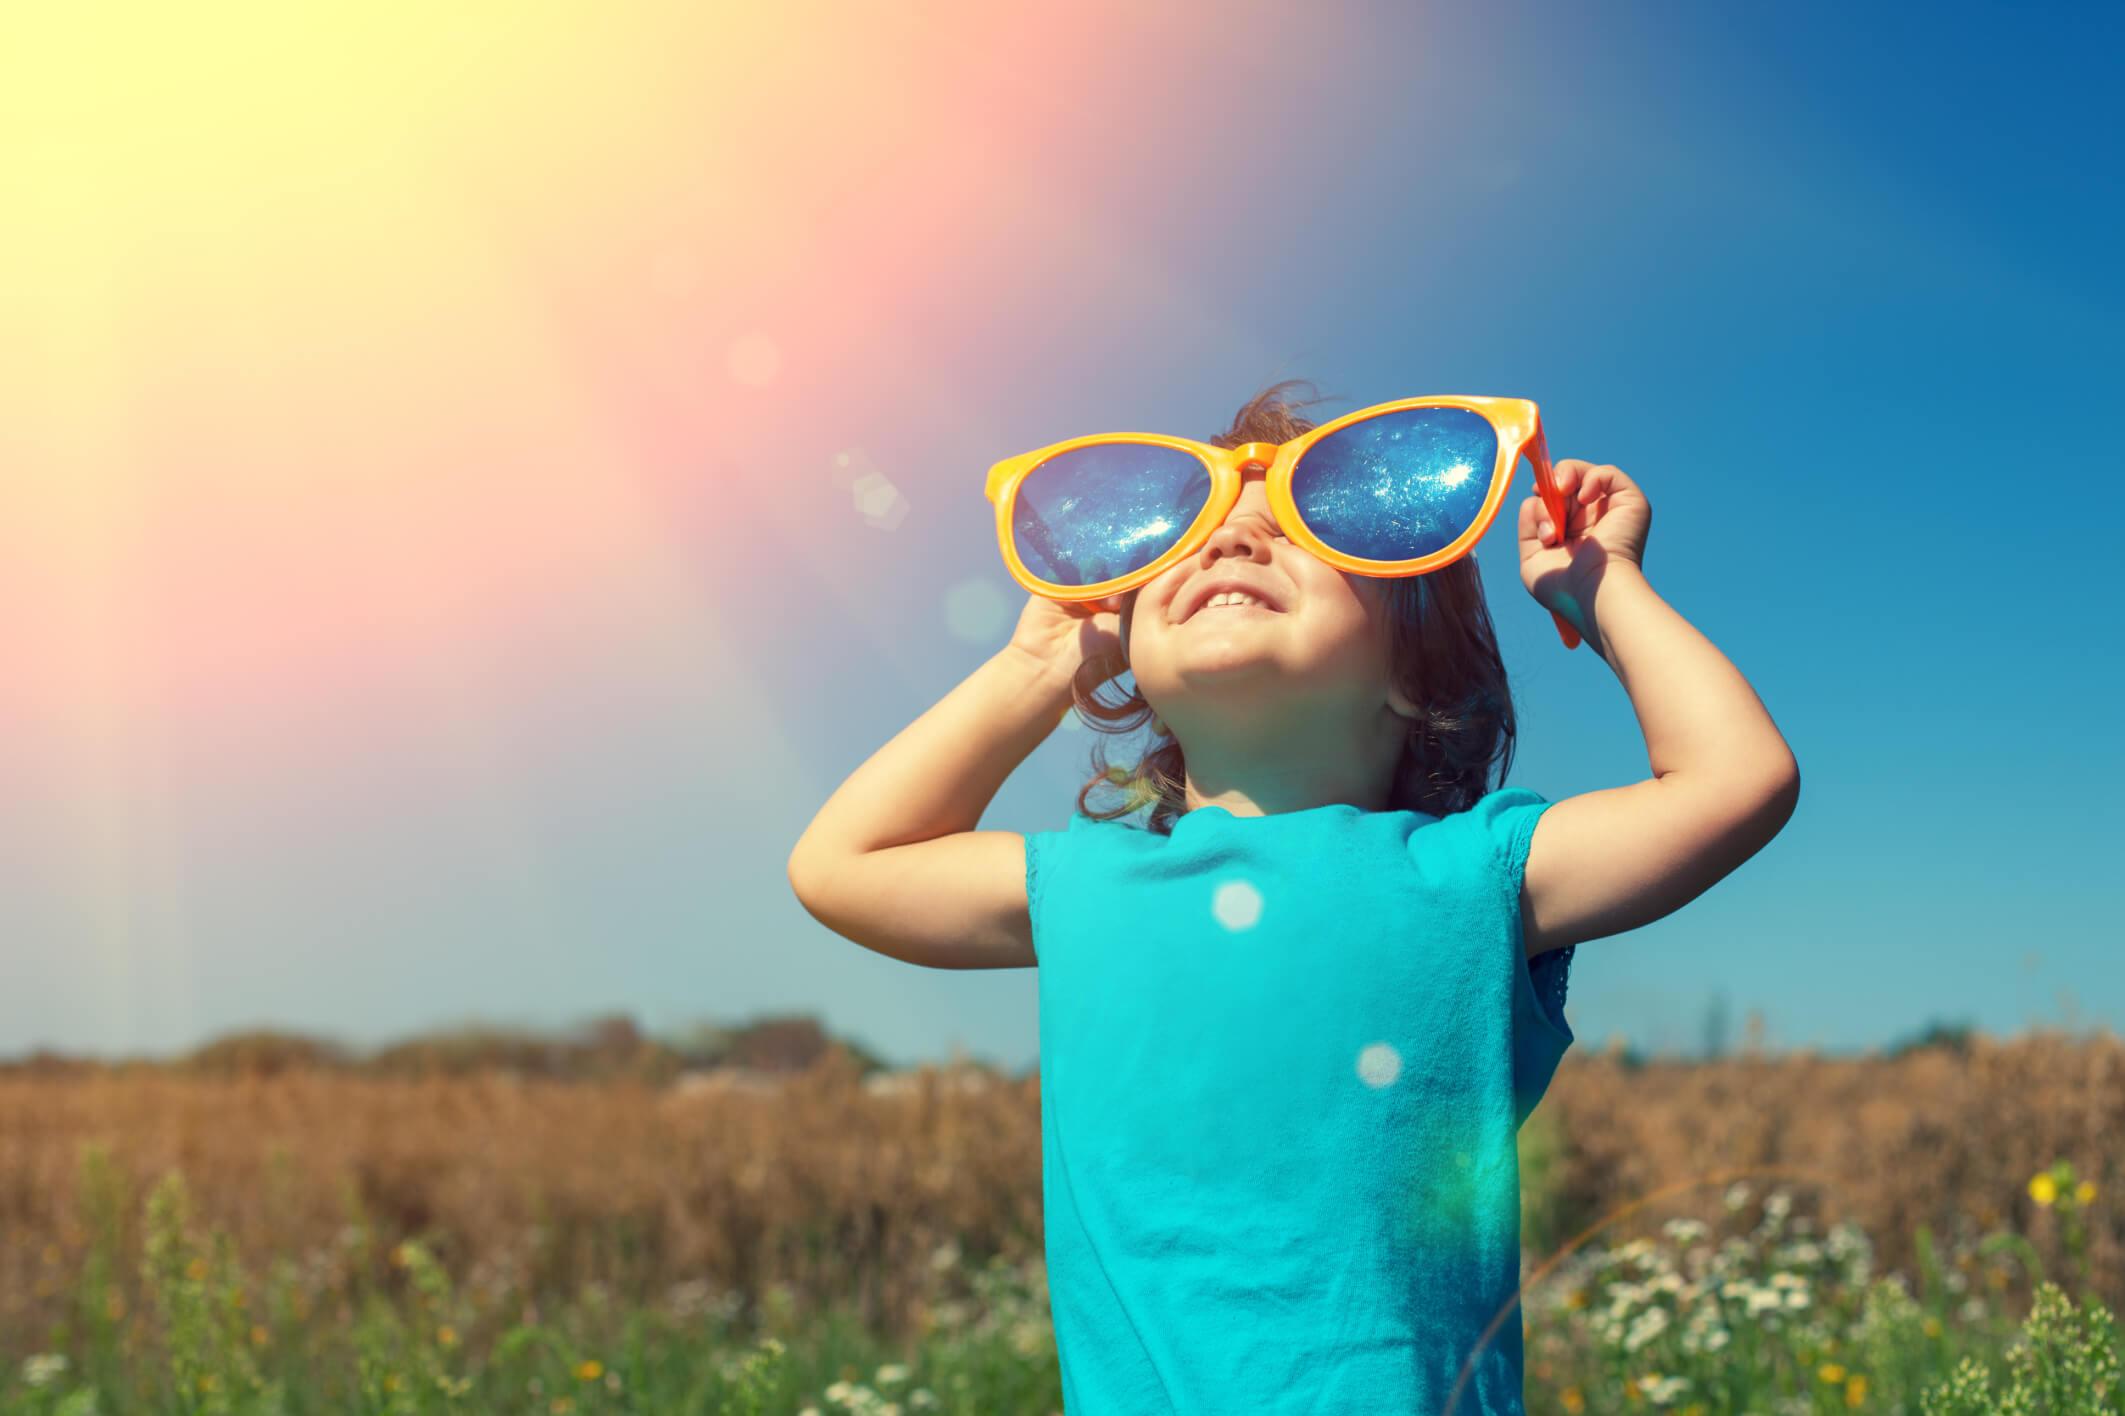 Παιδί με διαταραχές στην Αισθητηριακή Επεξεργασία και Καλοκαιρινές Διακοπές